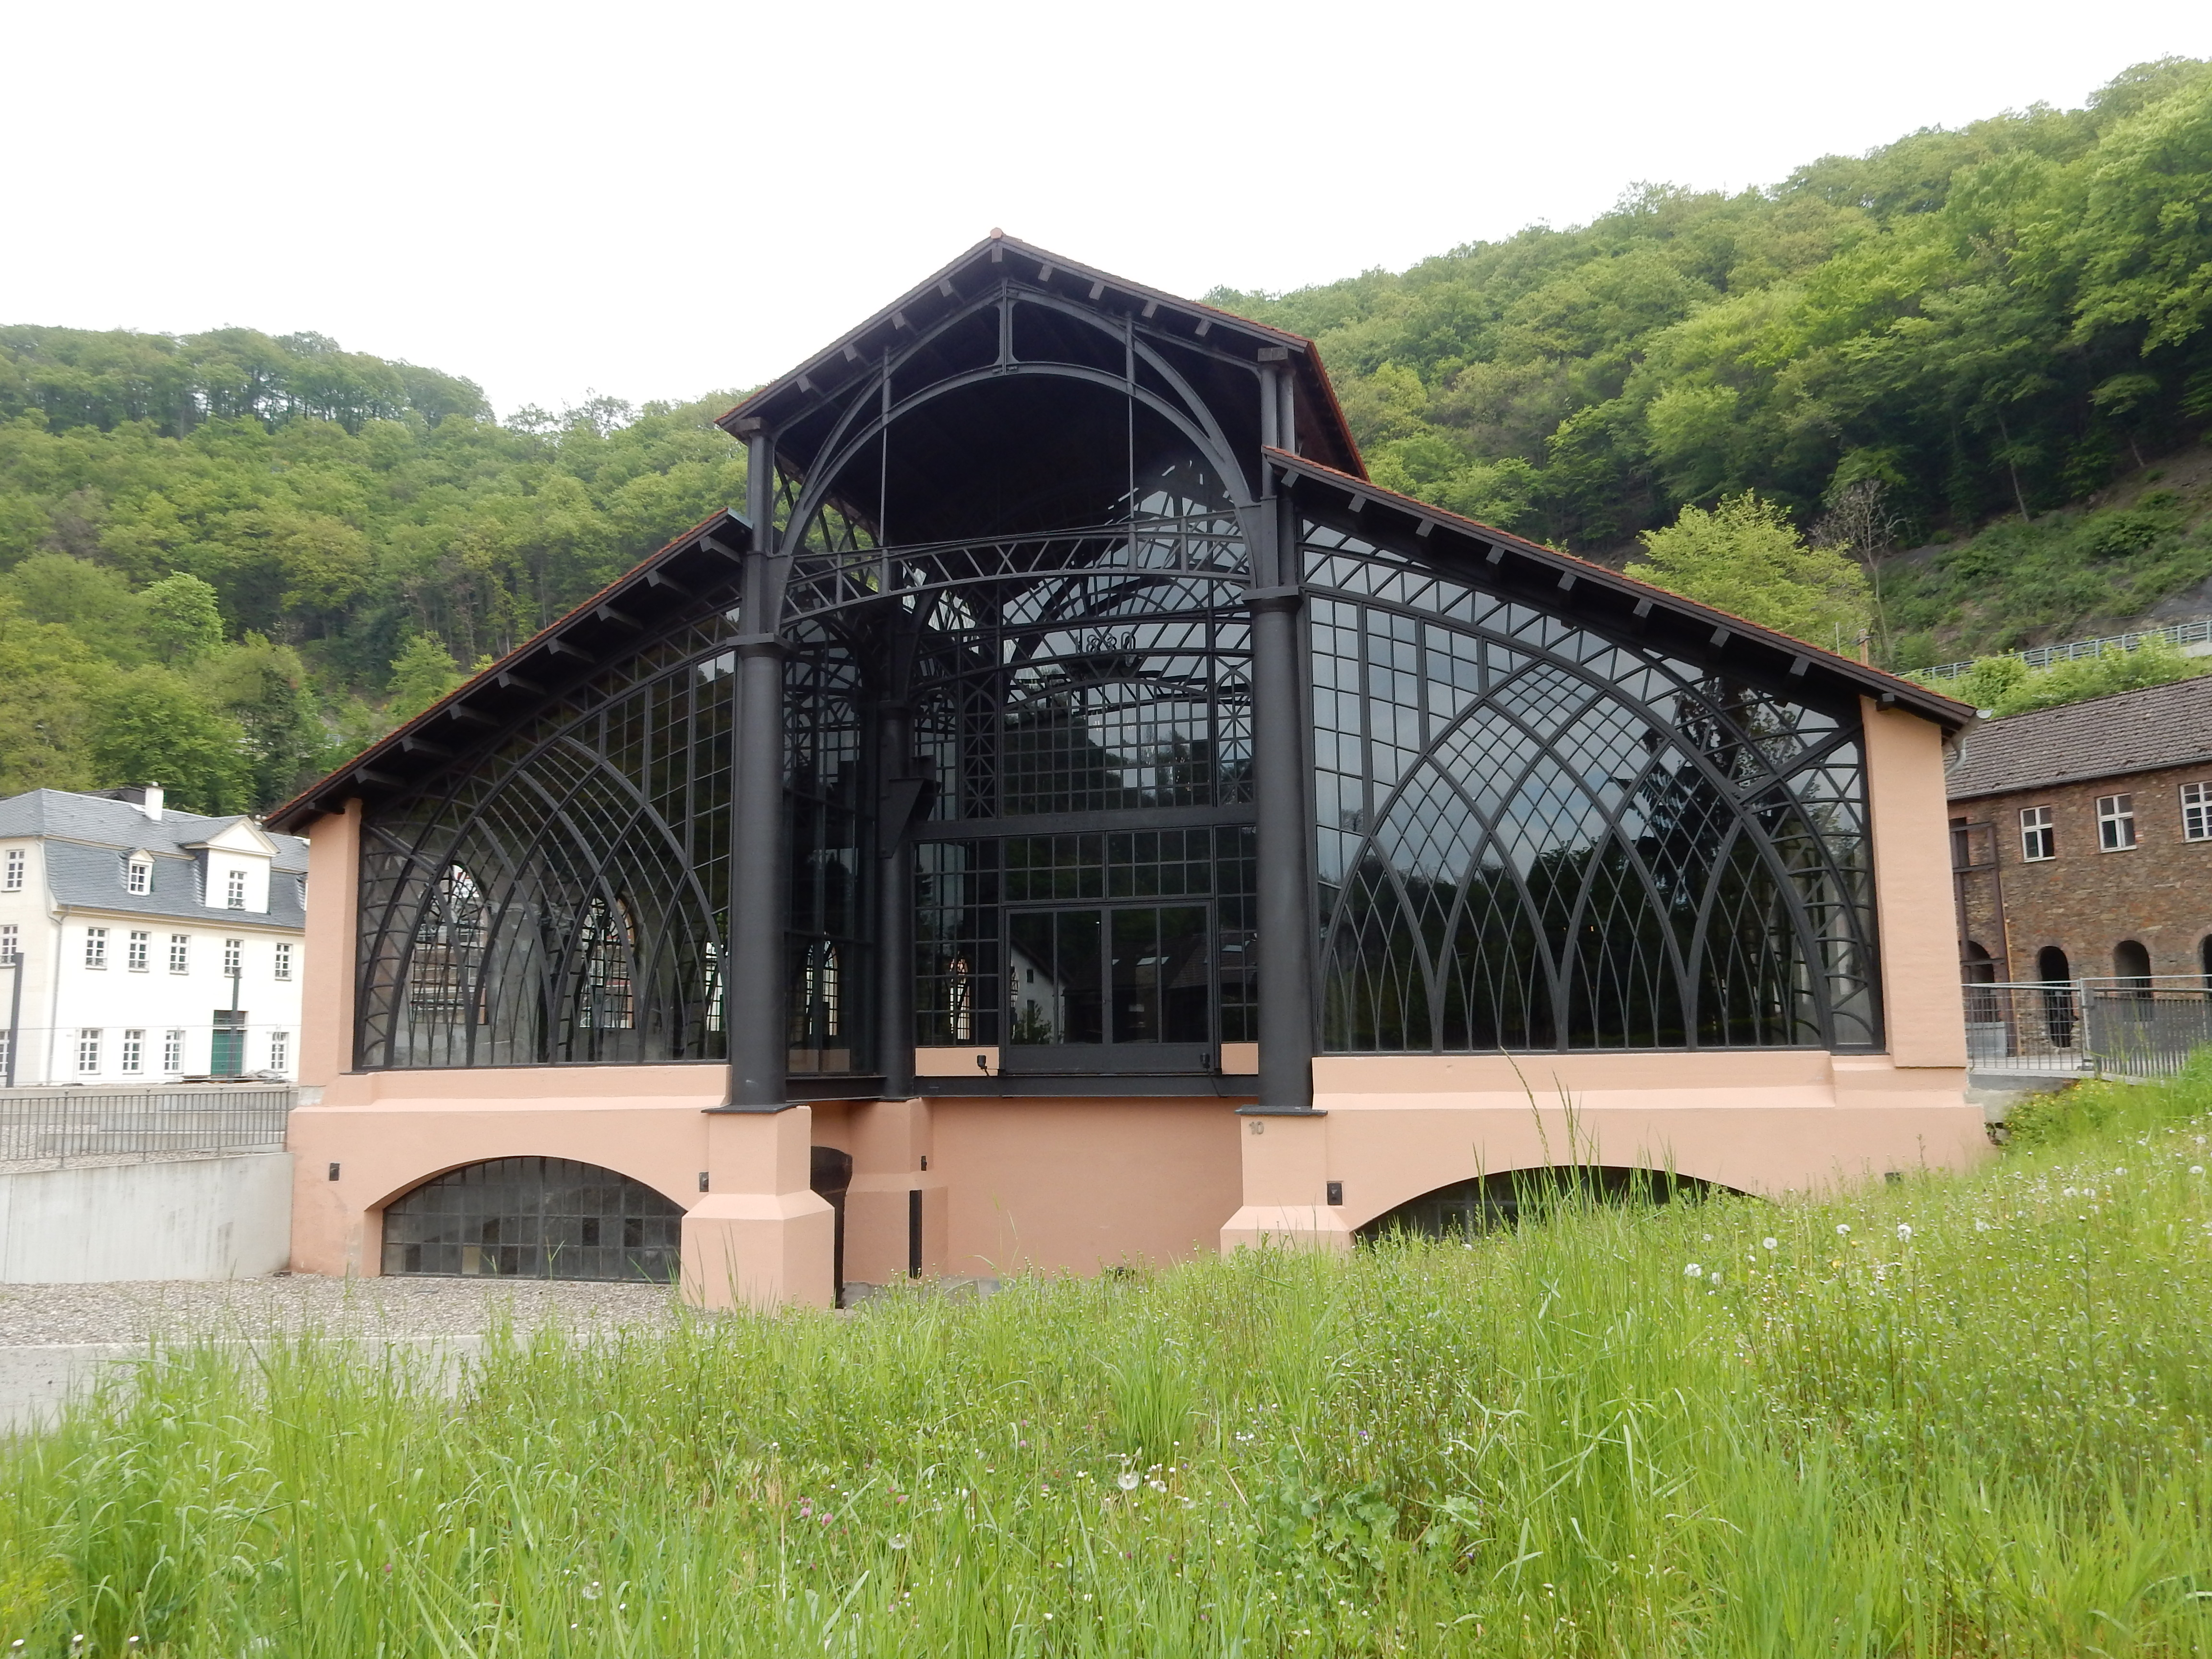 Rheinisches Eisenkunstguß-museum, Sayn. Foto Coert Peter Krabbe, mei 2019, gevel, exterieur